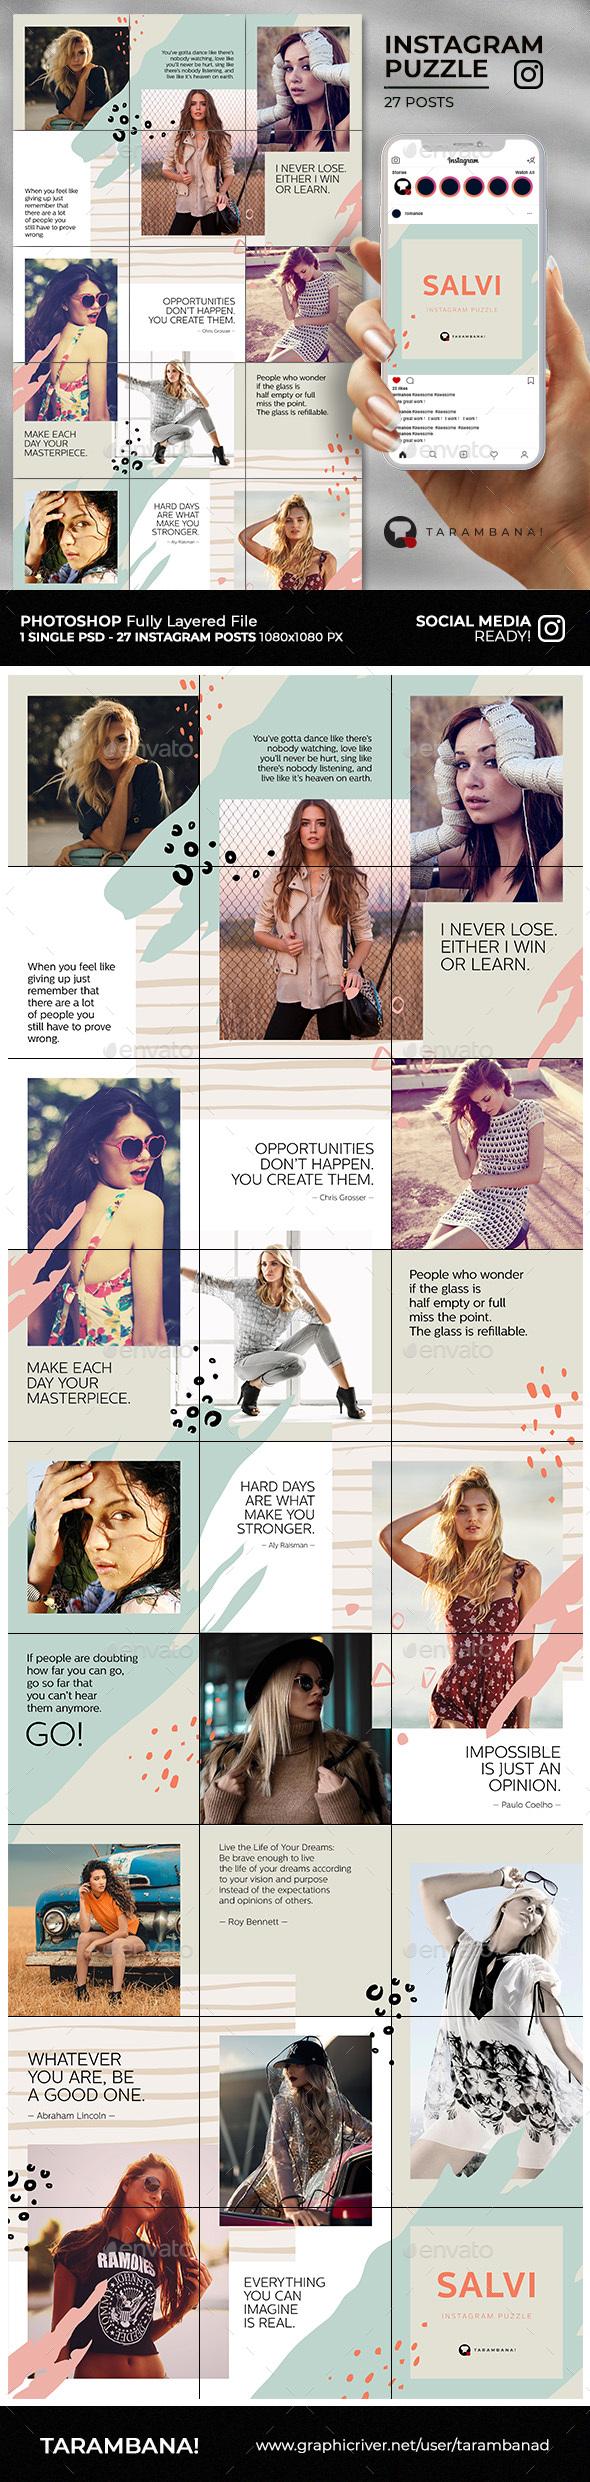 Salvi - Instagram Puzzle Feed